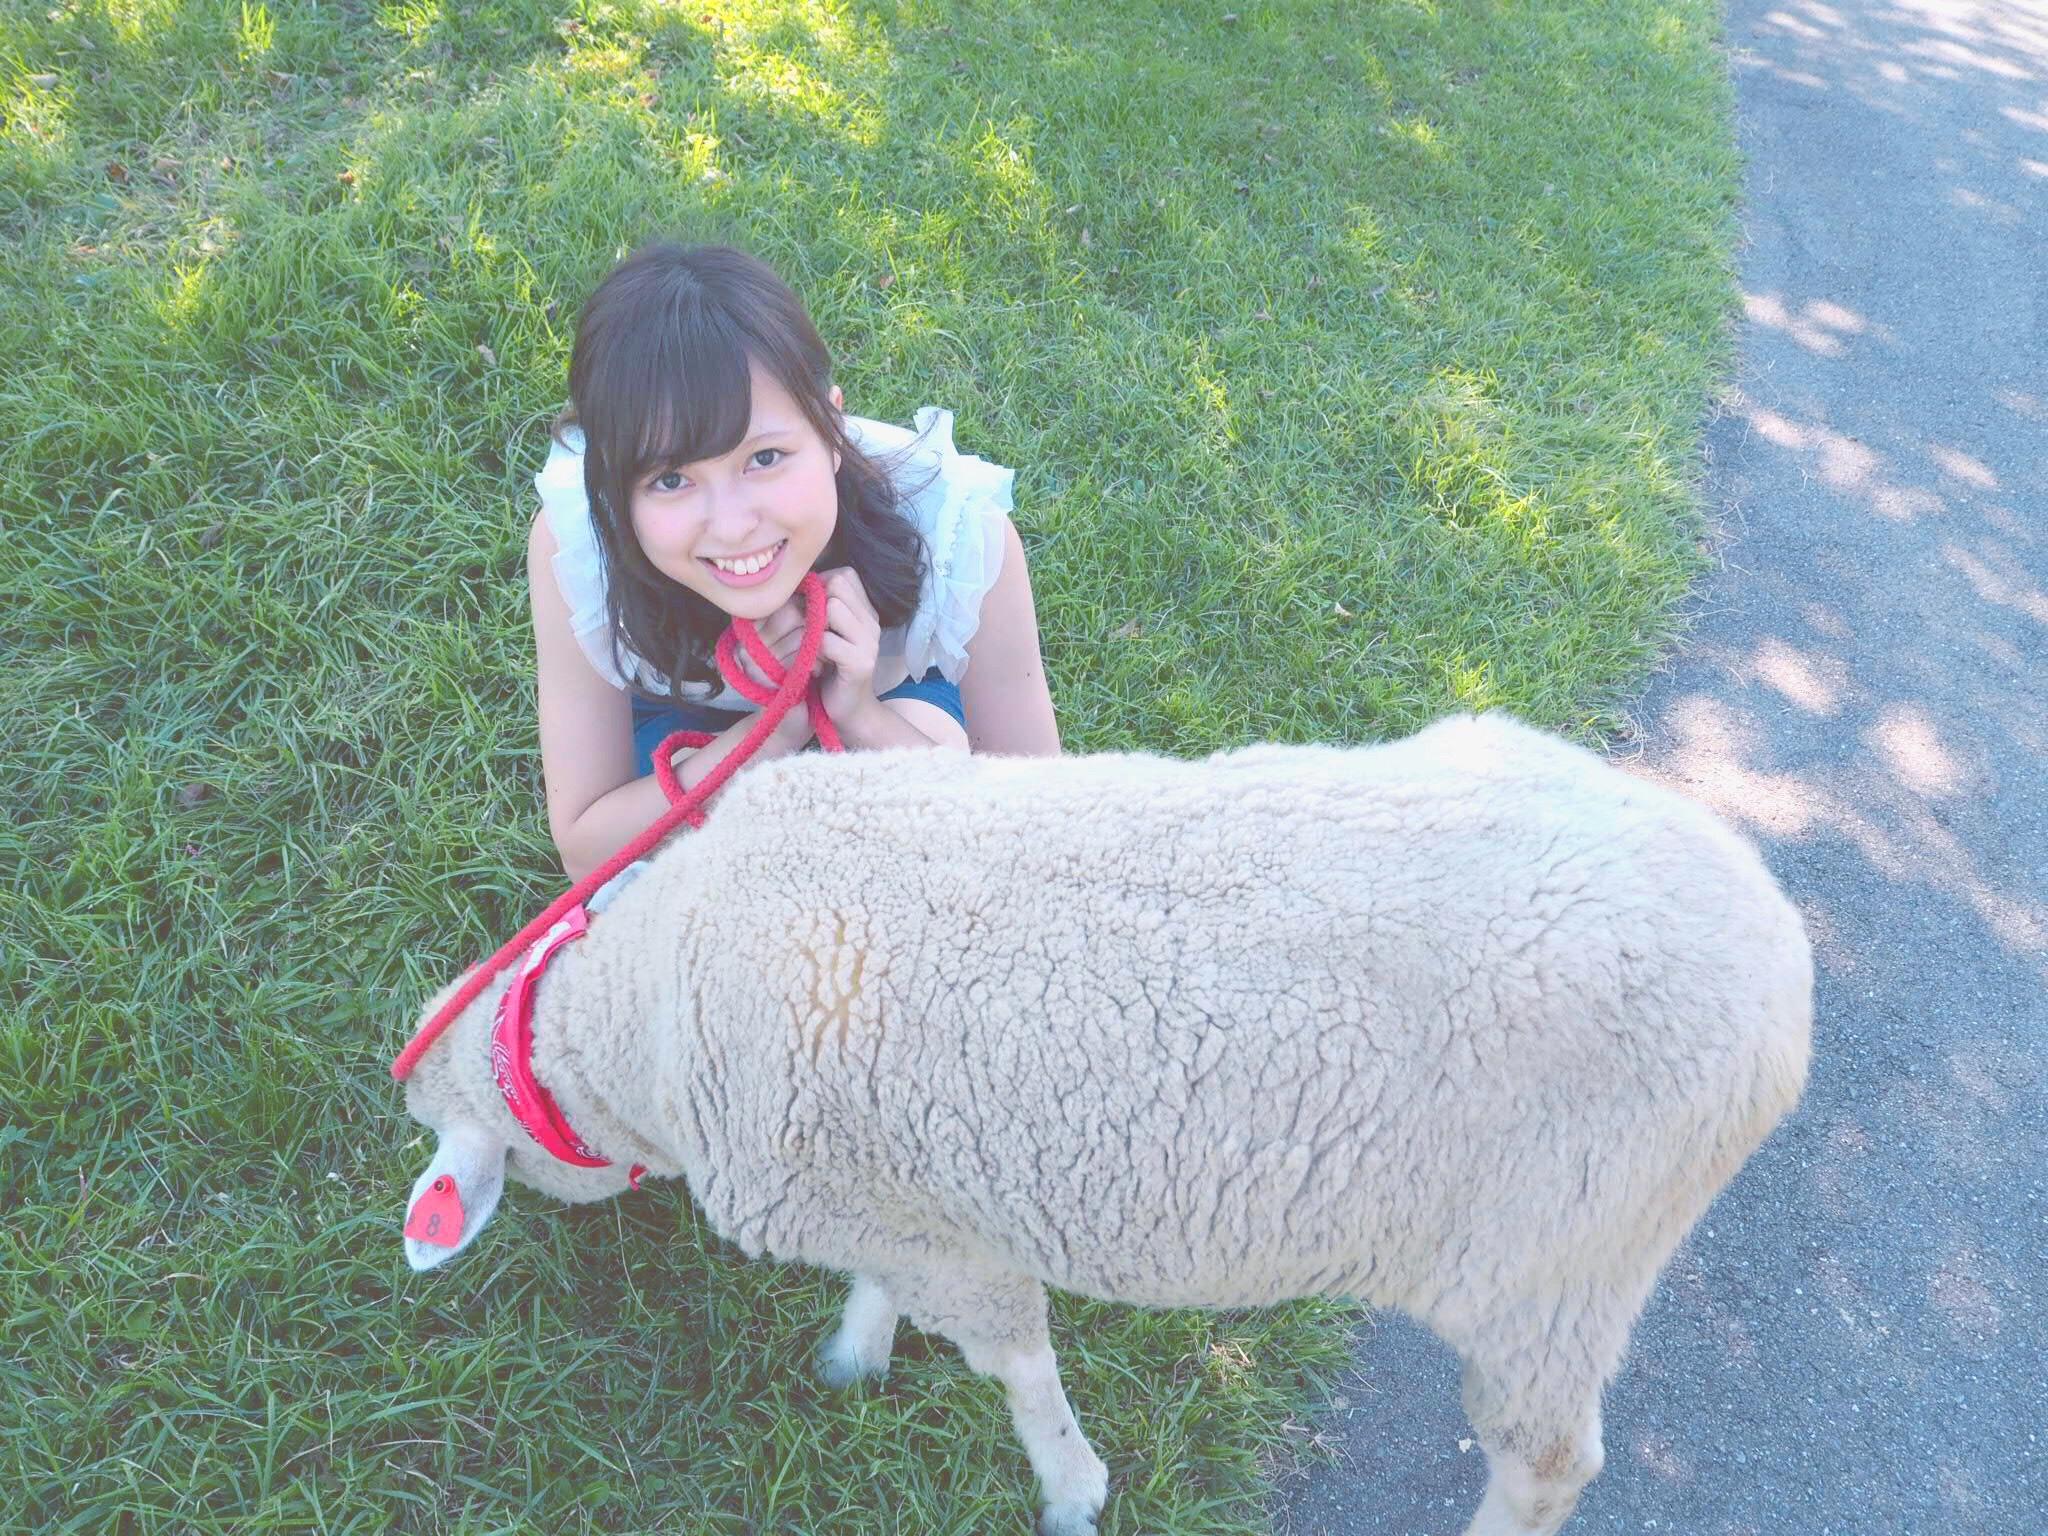 動物好きさん必見!夏は伊香保で羊とお散歩しちゃおう♩_1_2